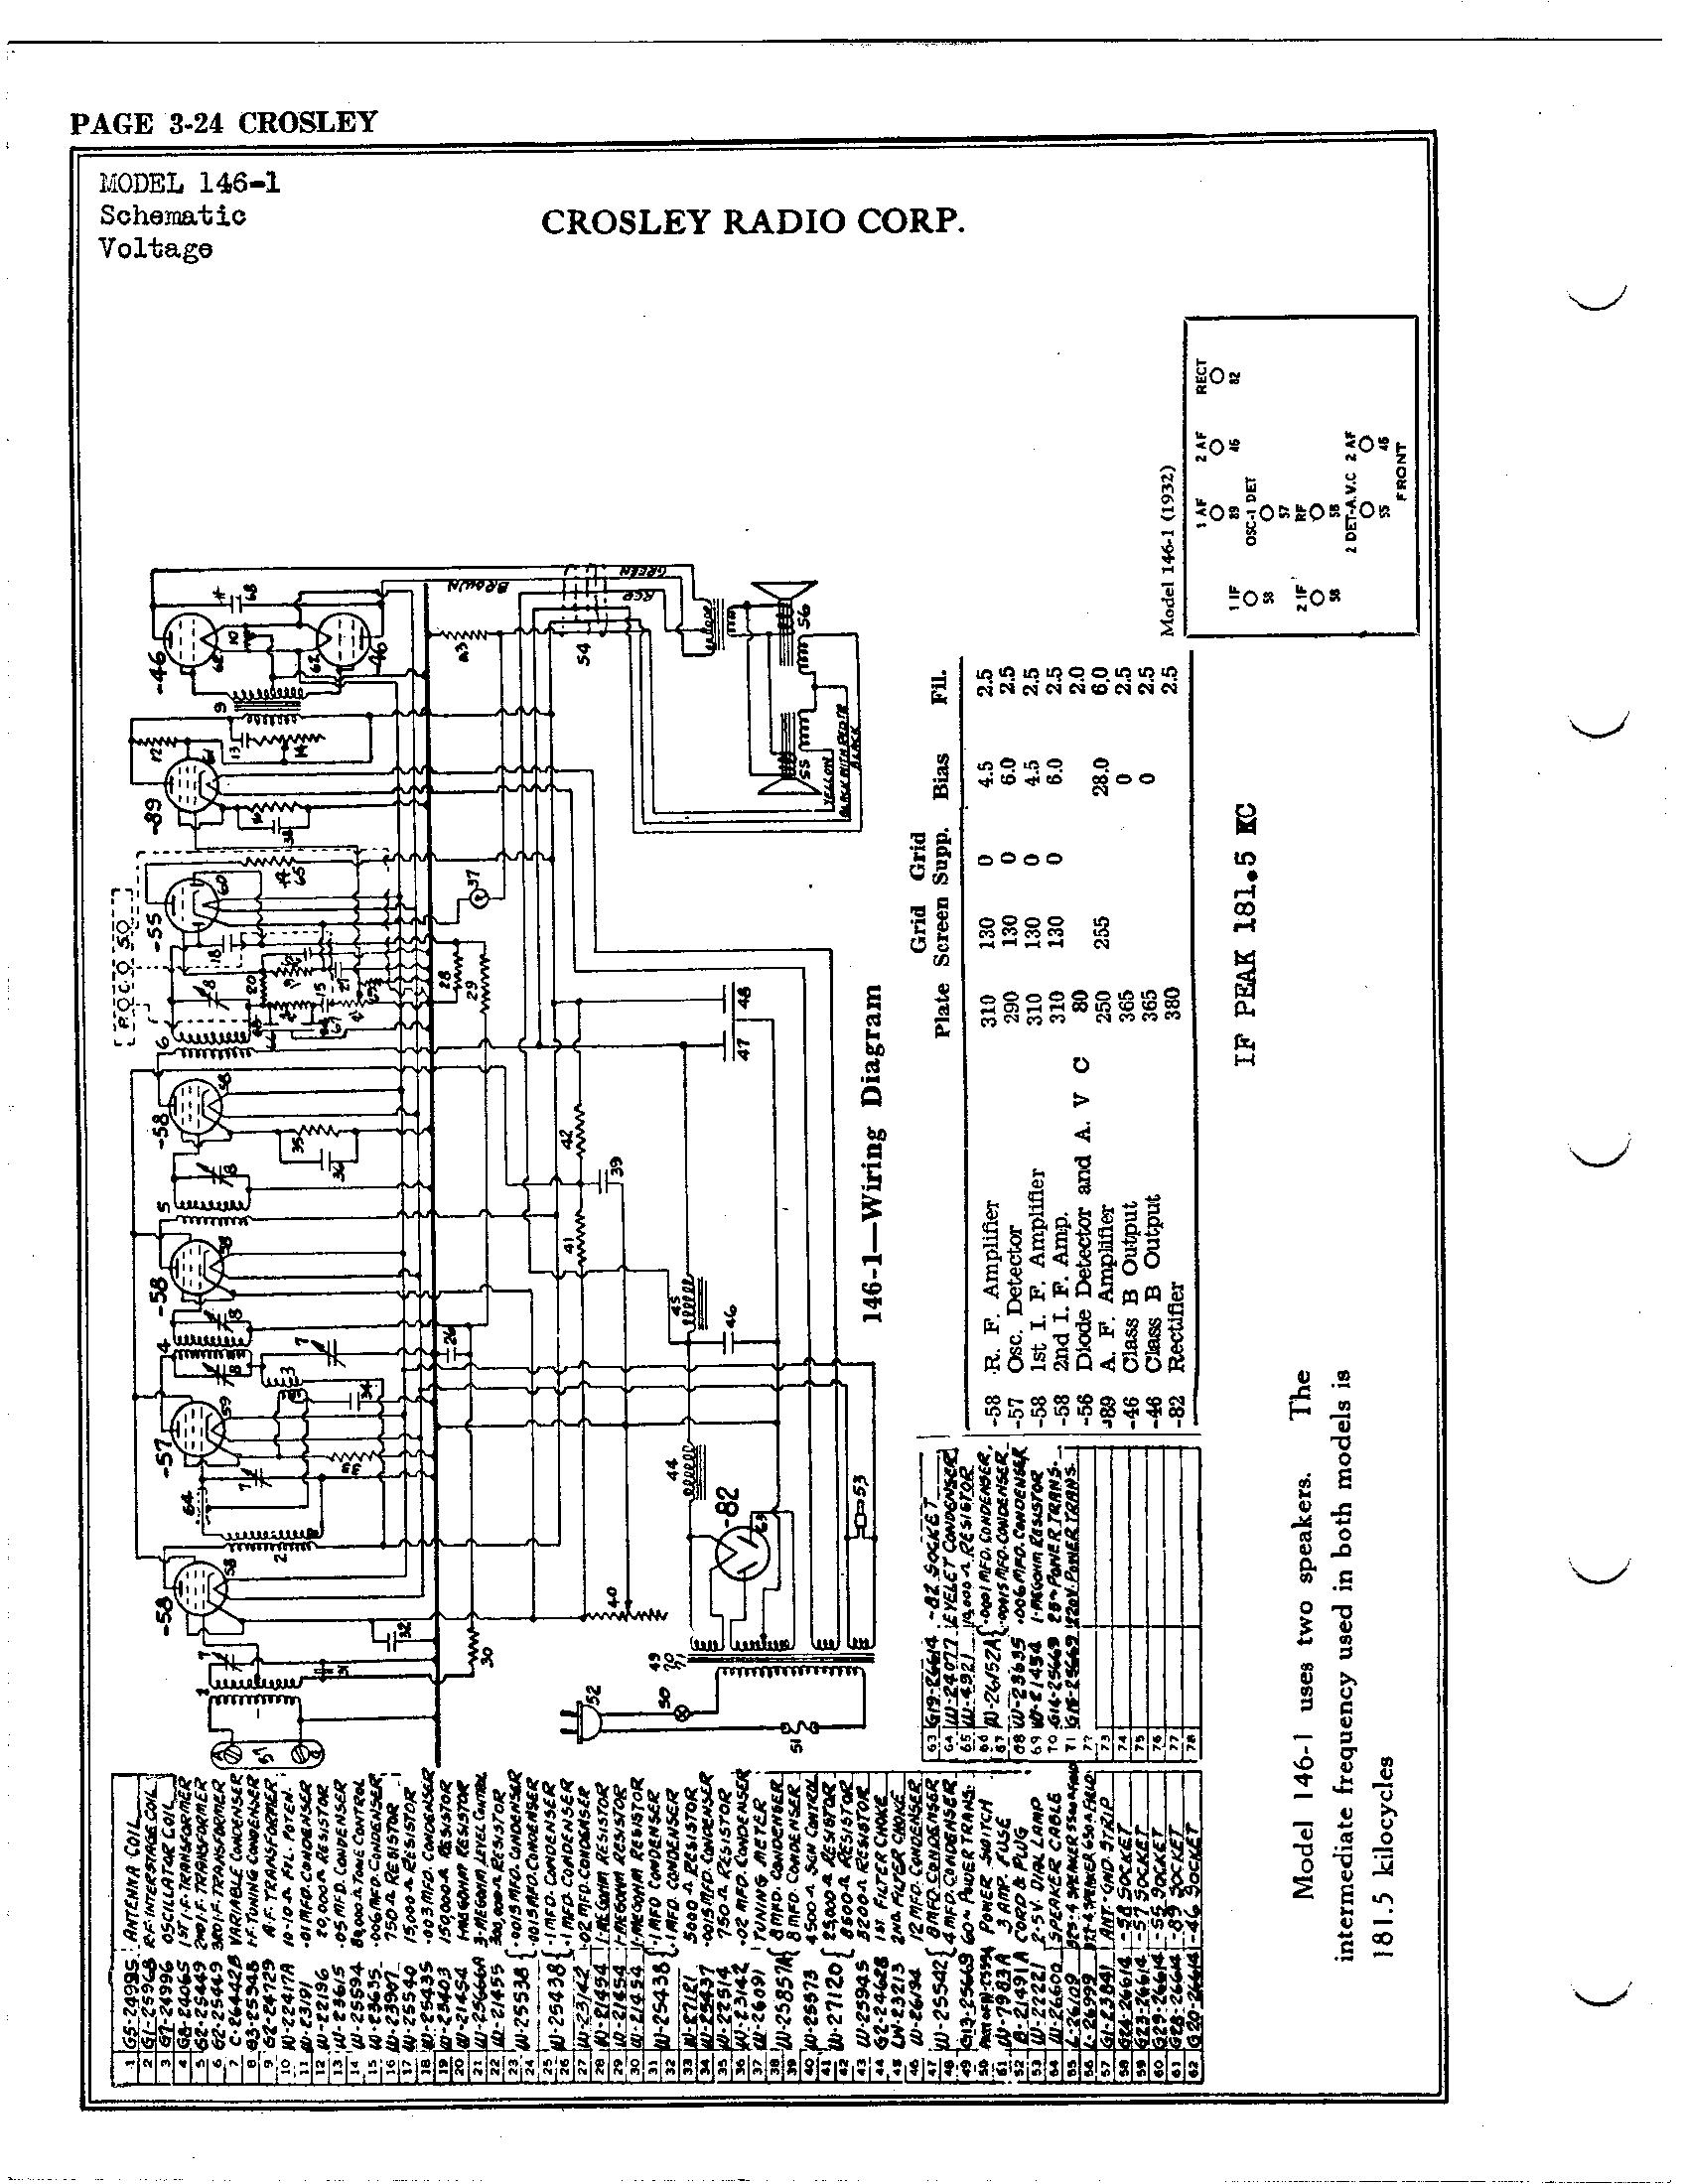 Crosley Corp 146 1